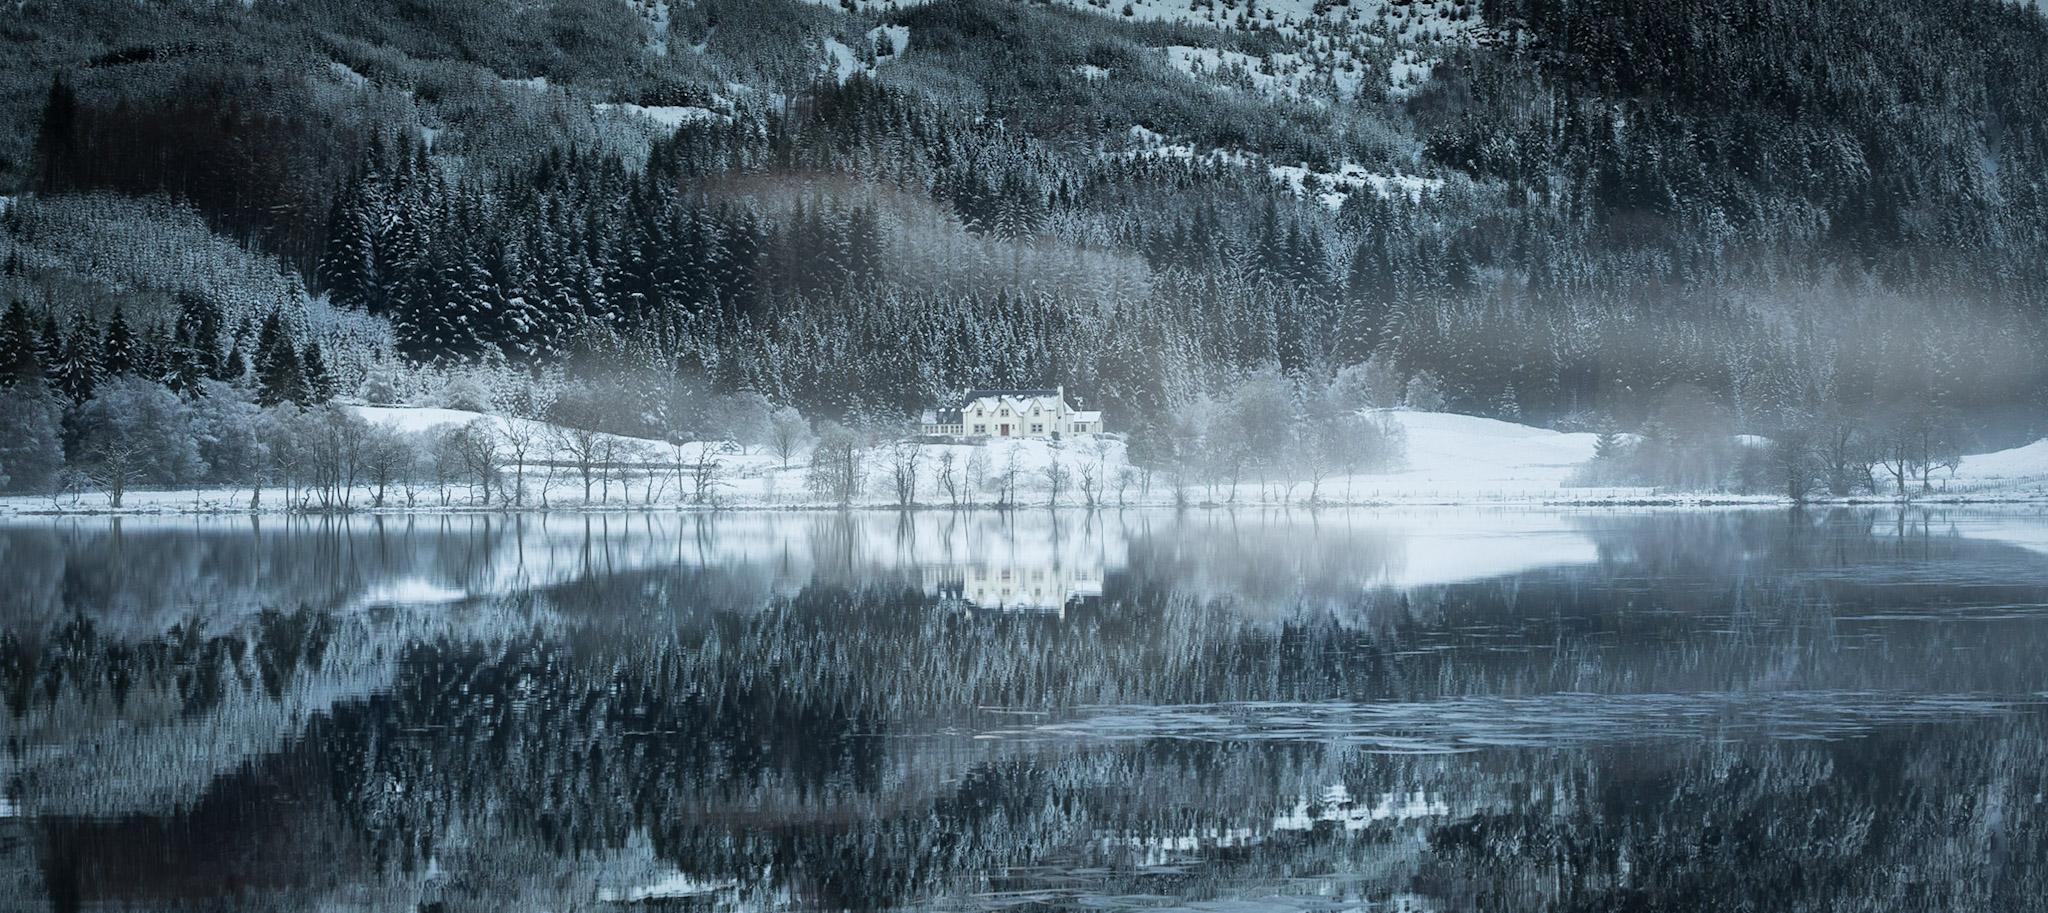 Frenich Farm | Loch Chon